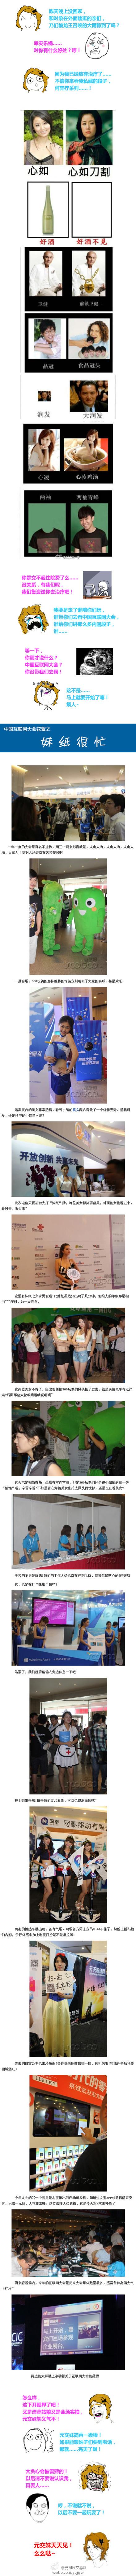 中国互联网大会花絮之:妹纸很忙2